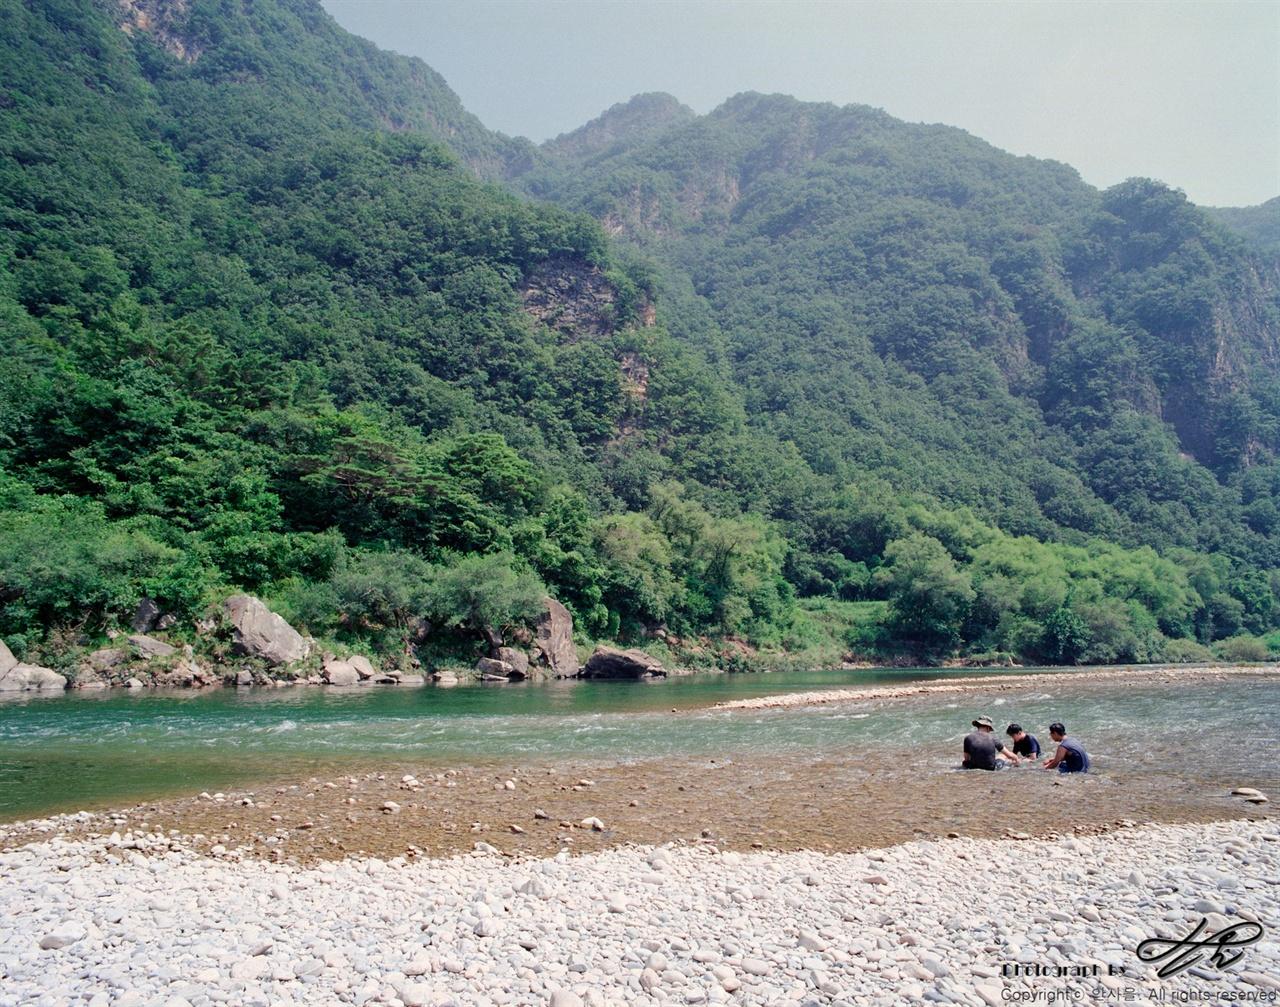 신선놀음 (6*7중형/Ektar100)강물에 몸을 담근 채 폭염 속 시원함을 즐기고 있는 사람들